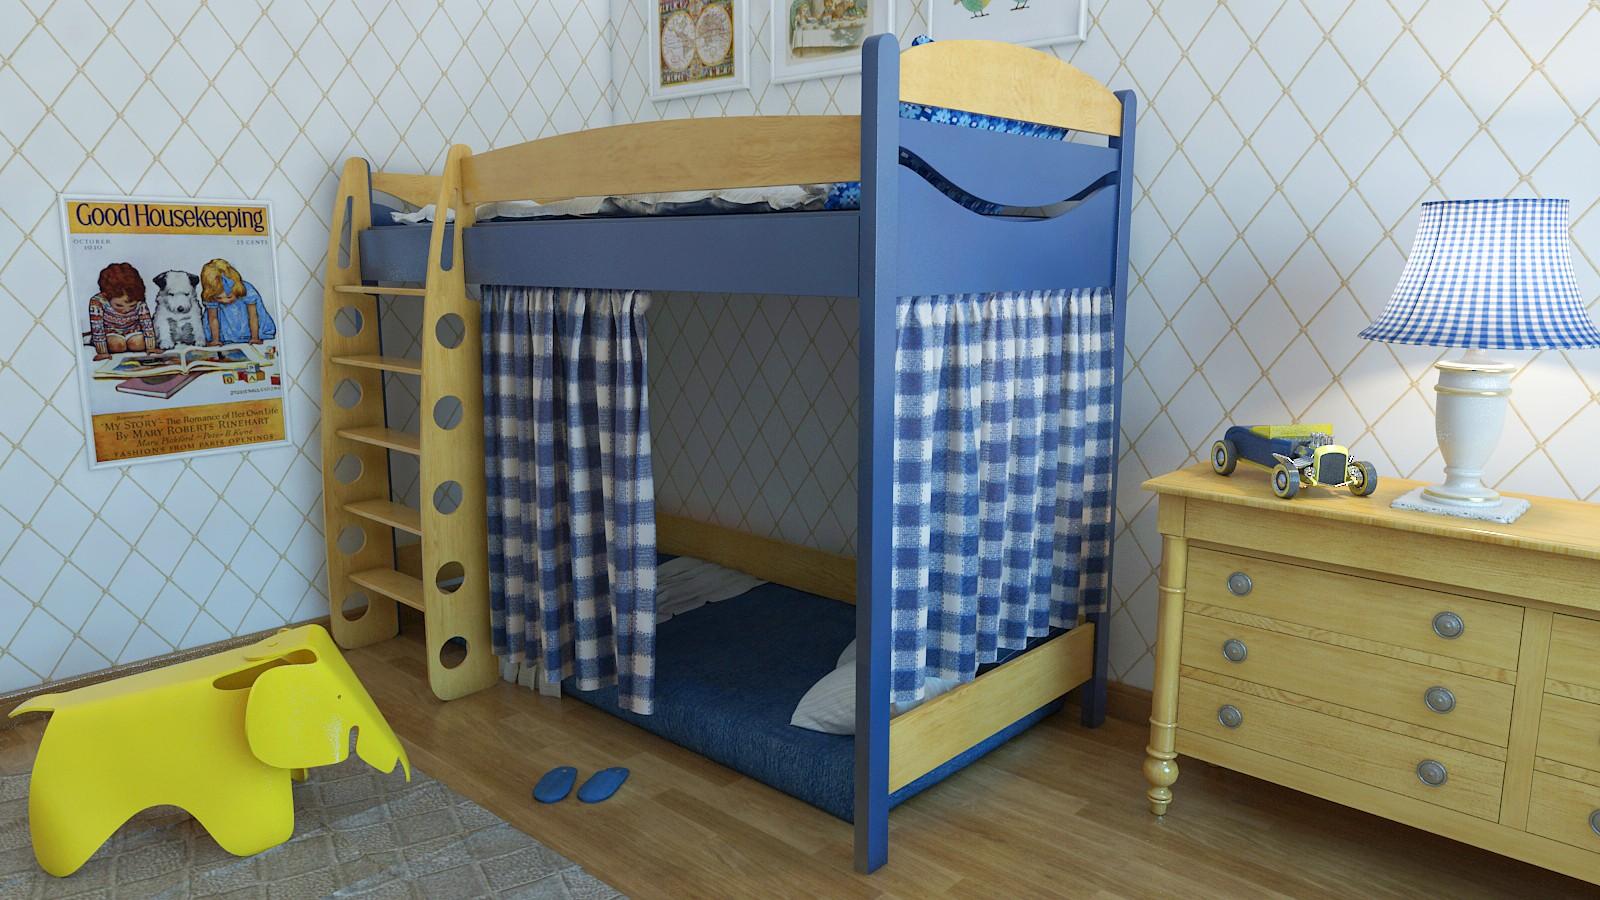 """Кровать чердак """"Эргономик-1"""" E190BMDUB160 детская для мальчиков и девочек детей от 2-3 лет"""